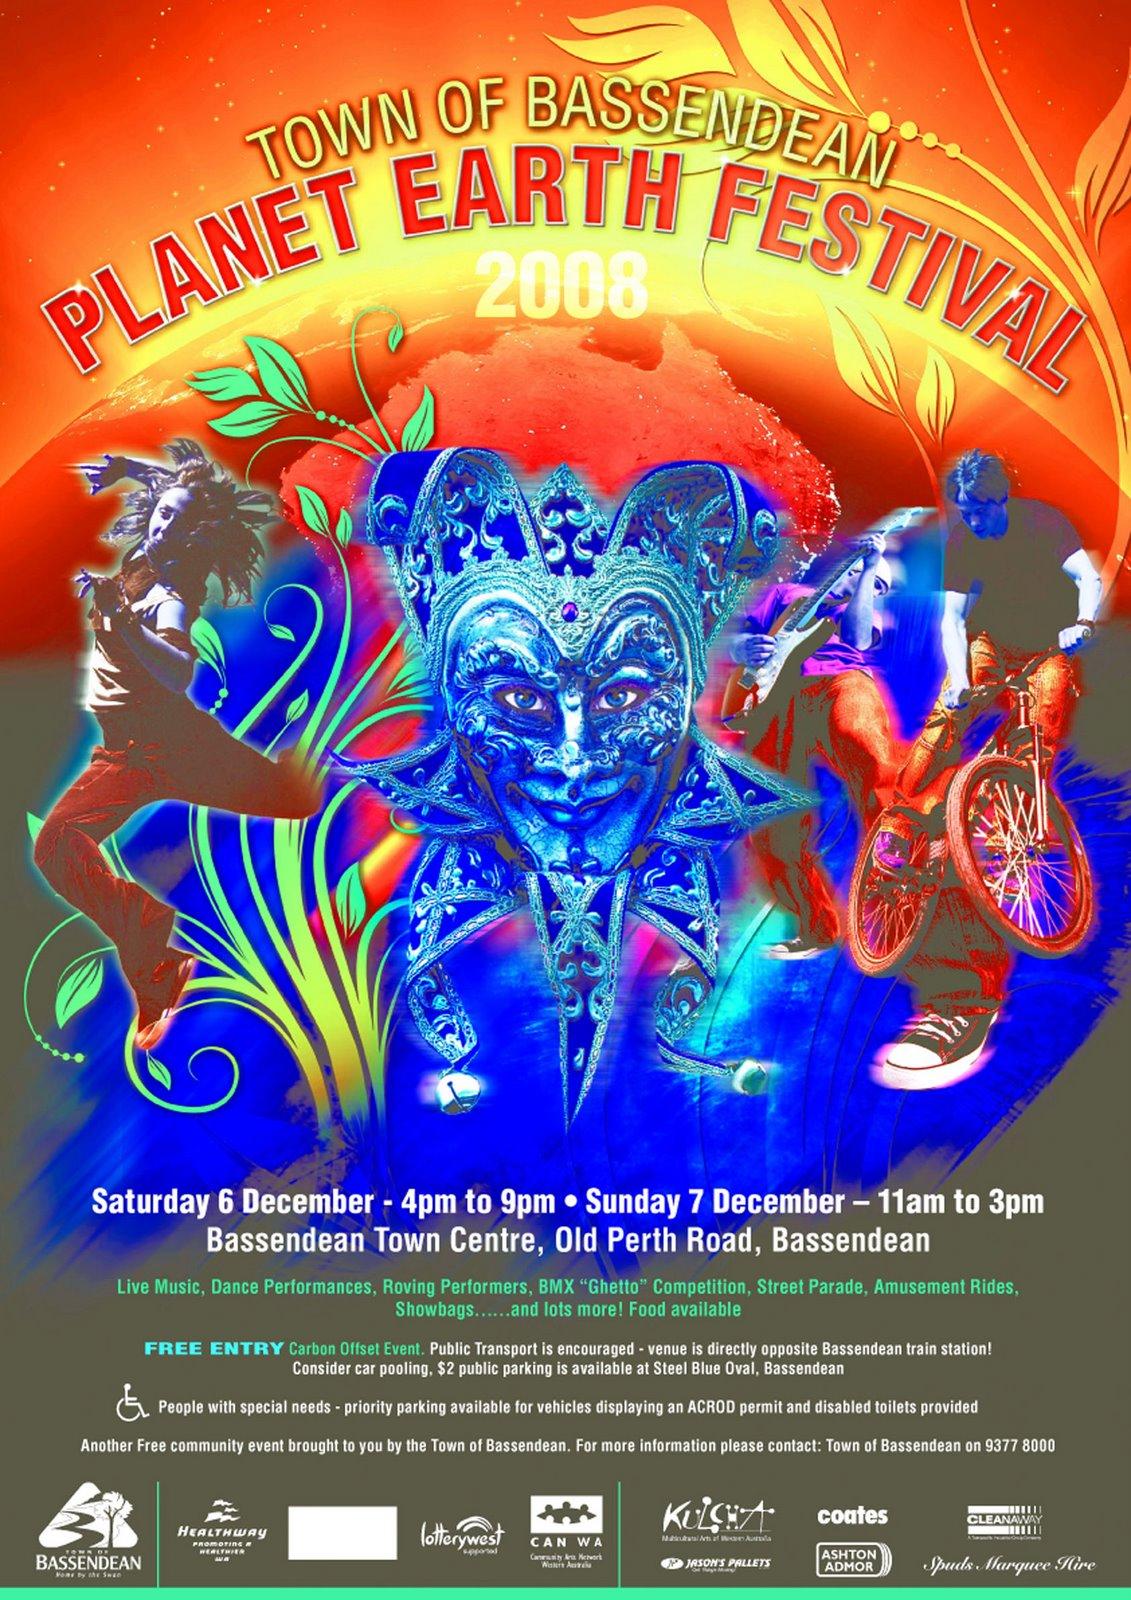 [Bassendean+Festival+Poster.jpg.2]